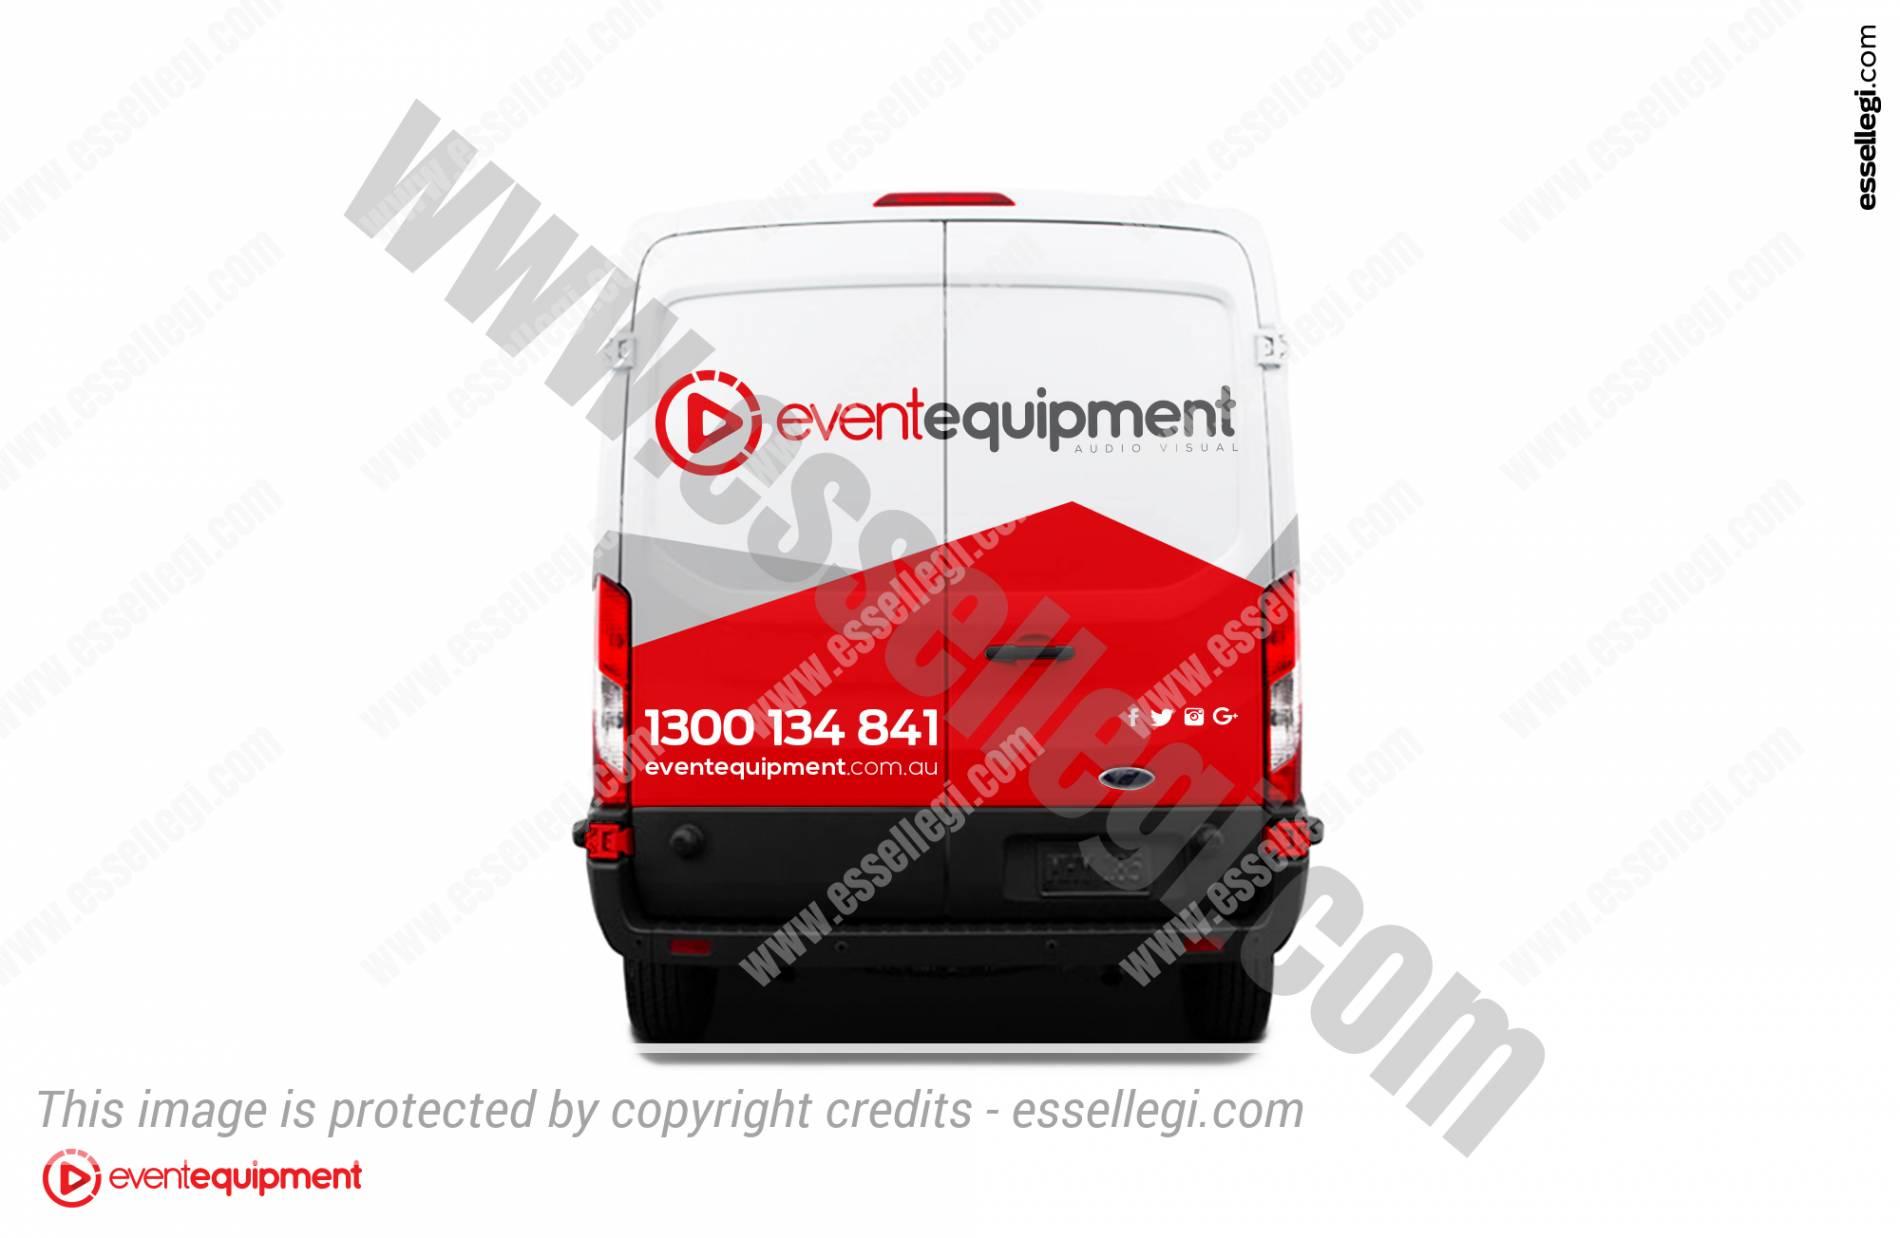 Ford Transit 350 | Van Wrap Design by Essellegi. Van Signs, Van Signage, Van Wrapping, Van Signwriting, Van Wrap Designer, Signs for Van, Van Logo, Van Graphic by Essellegi.